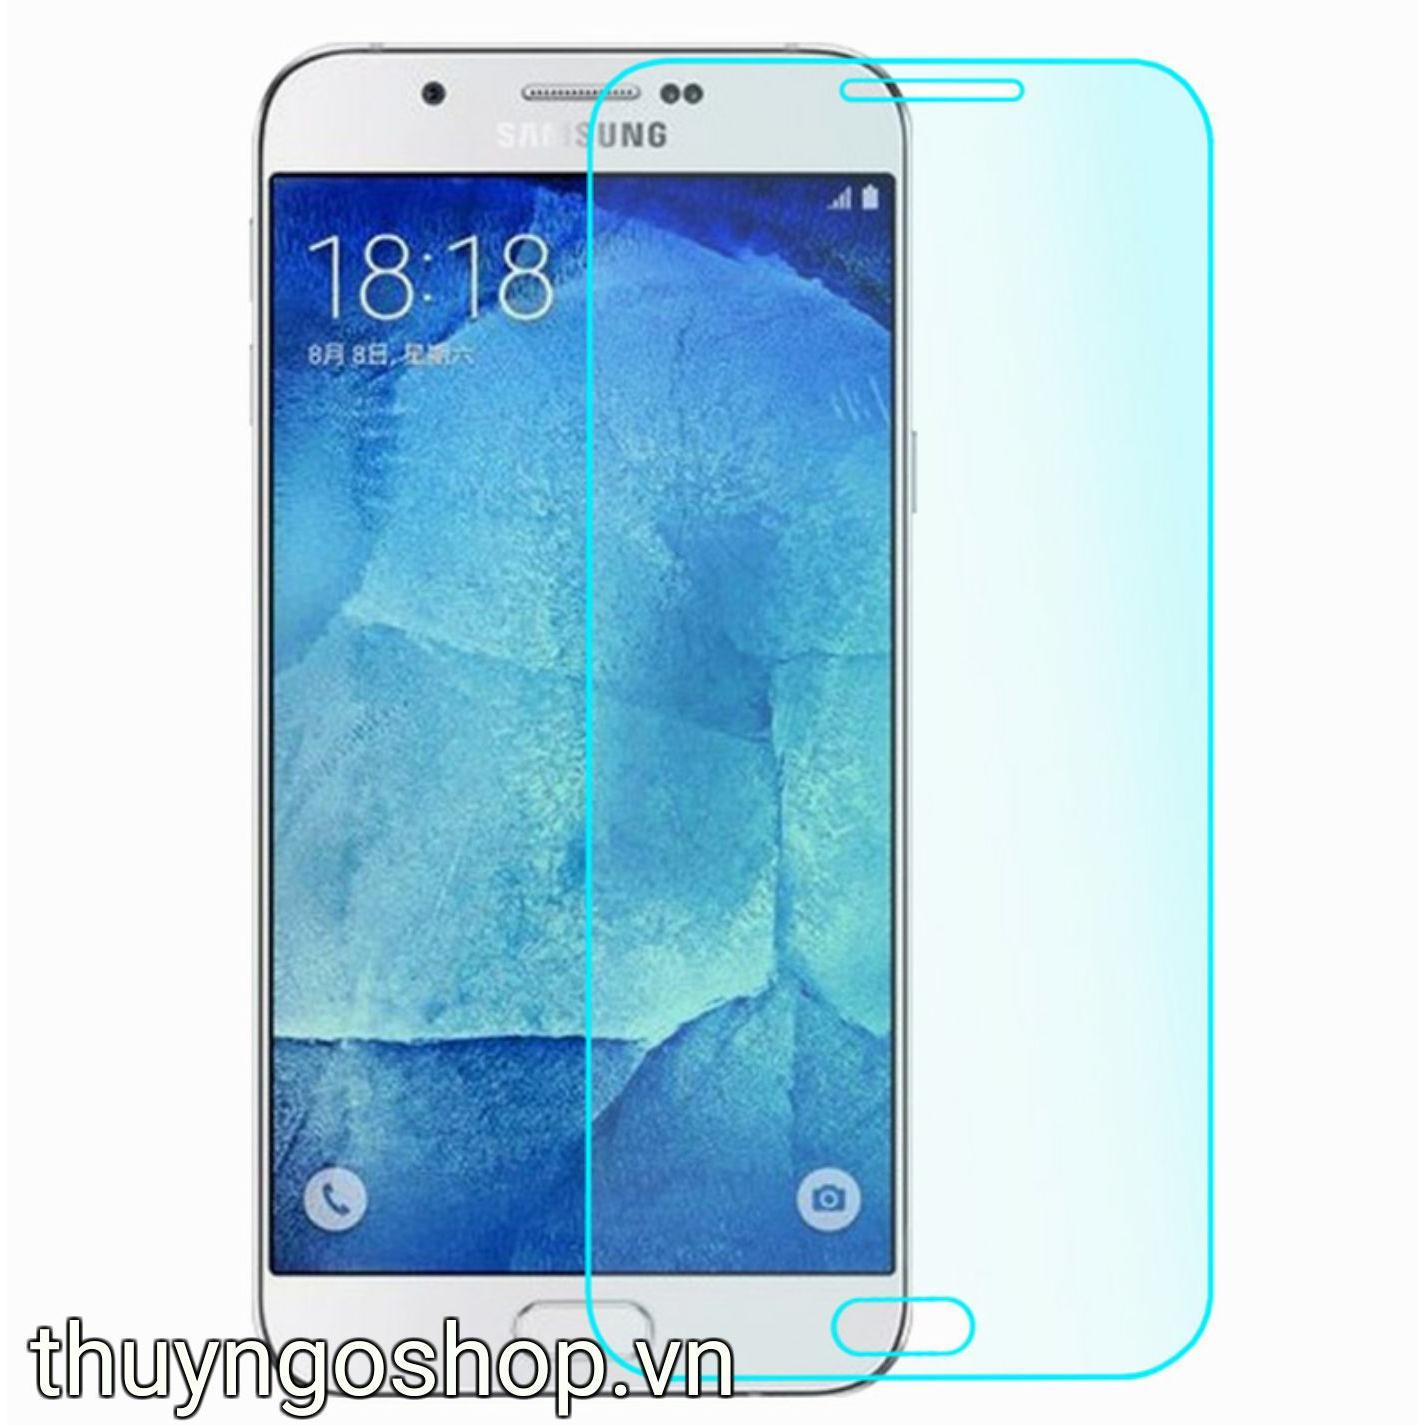 Kính cường lực Samsung A8 chính hãng CM